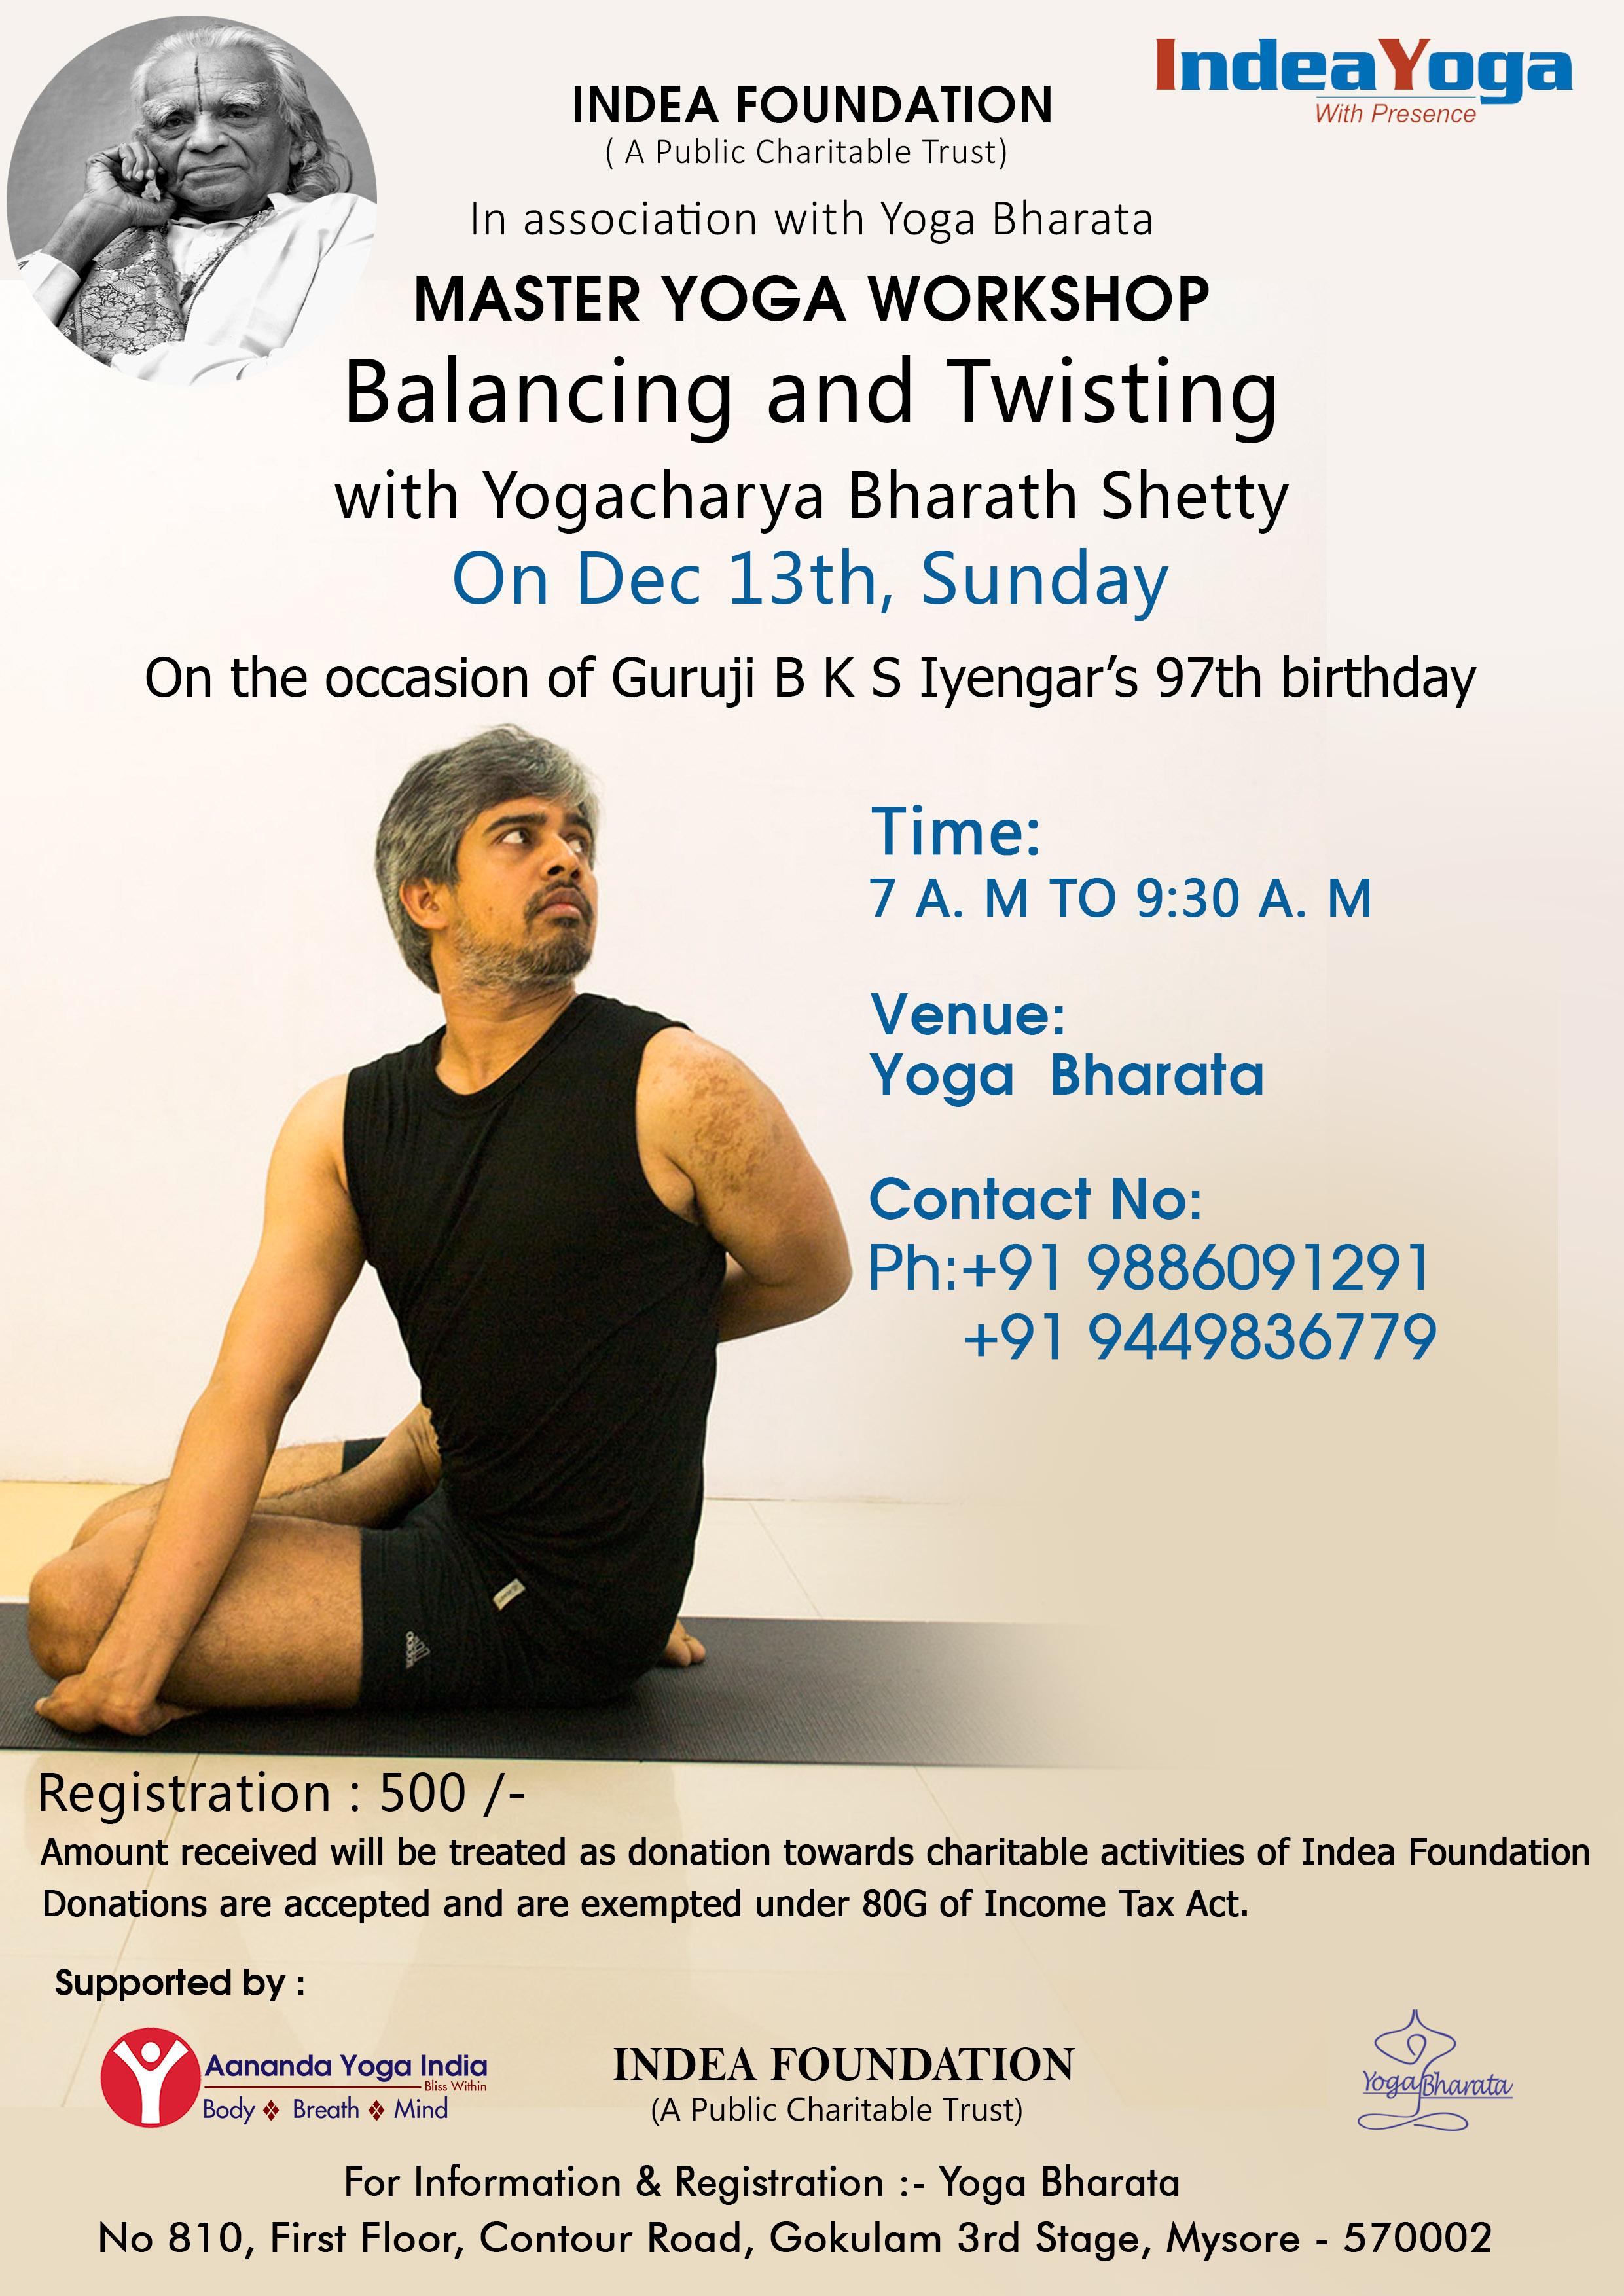 Master Yoga Workshop